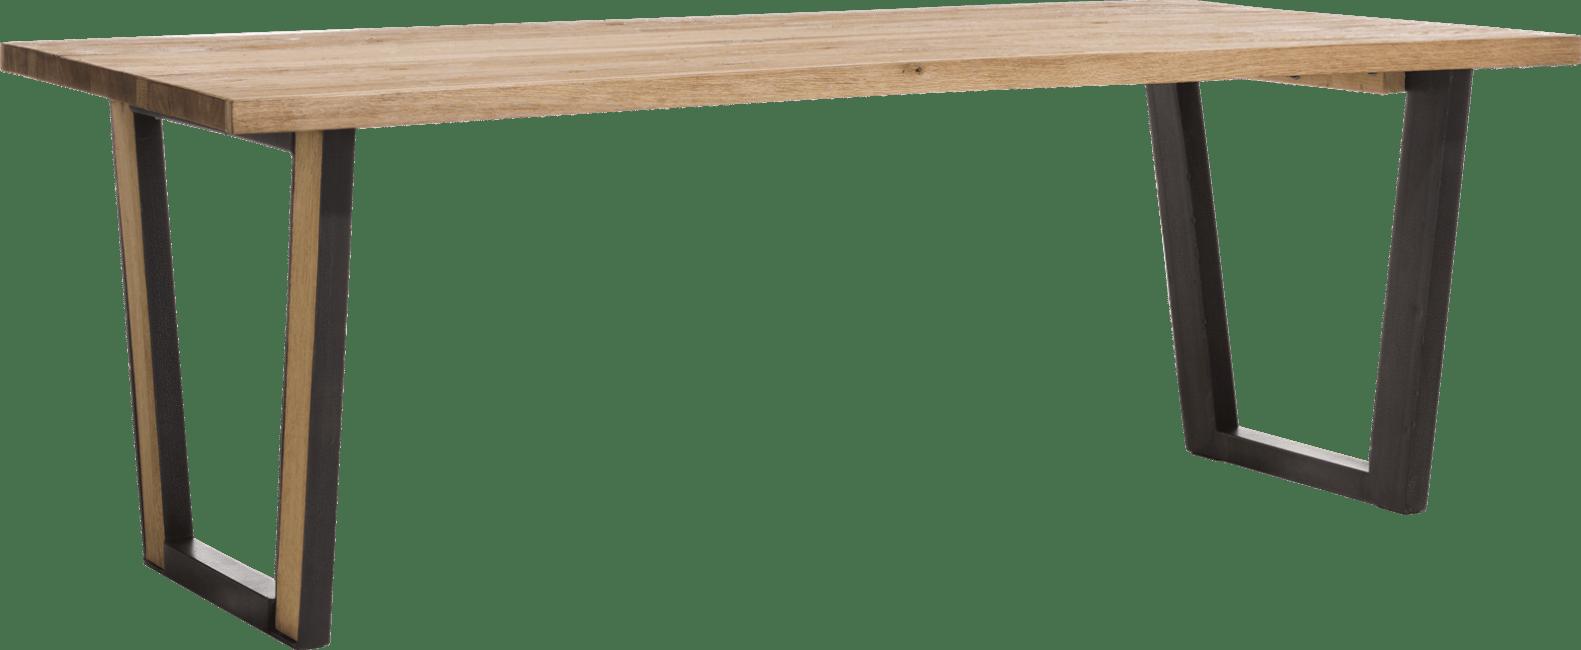 Denmark - eetkamertafel 190 x 100 cm